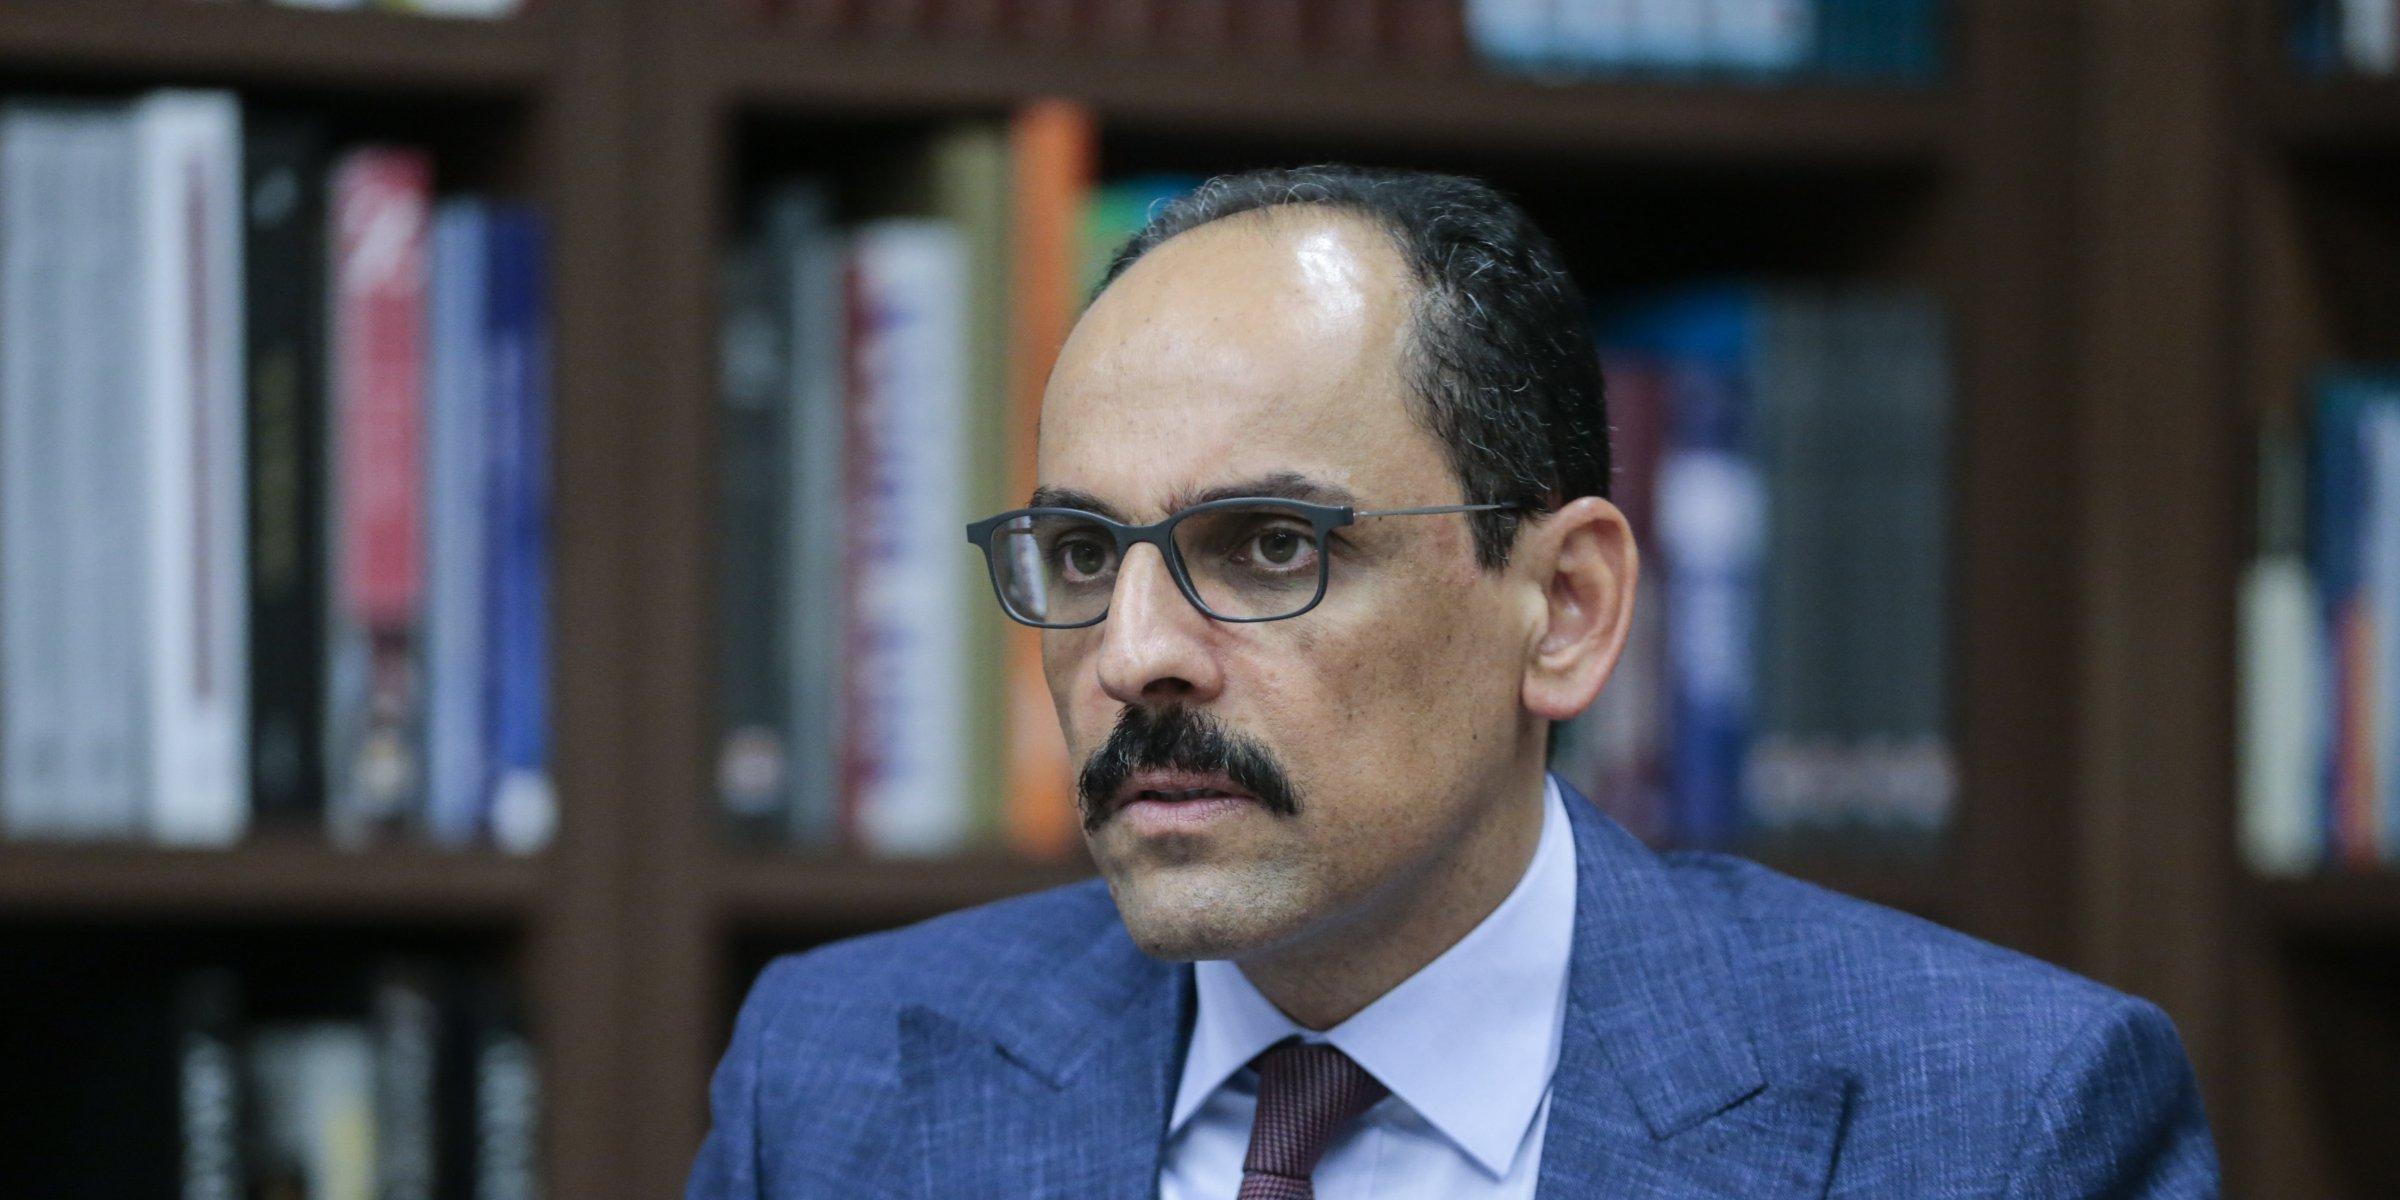 Η ομάδα του Μπάιντεν θέλει καλύτερους δεσμούς, νέα σελίδα με την Τουρκία, λέει ο Kalın